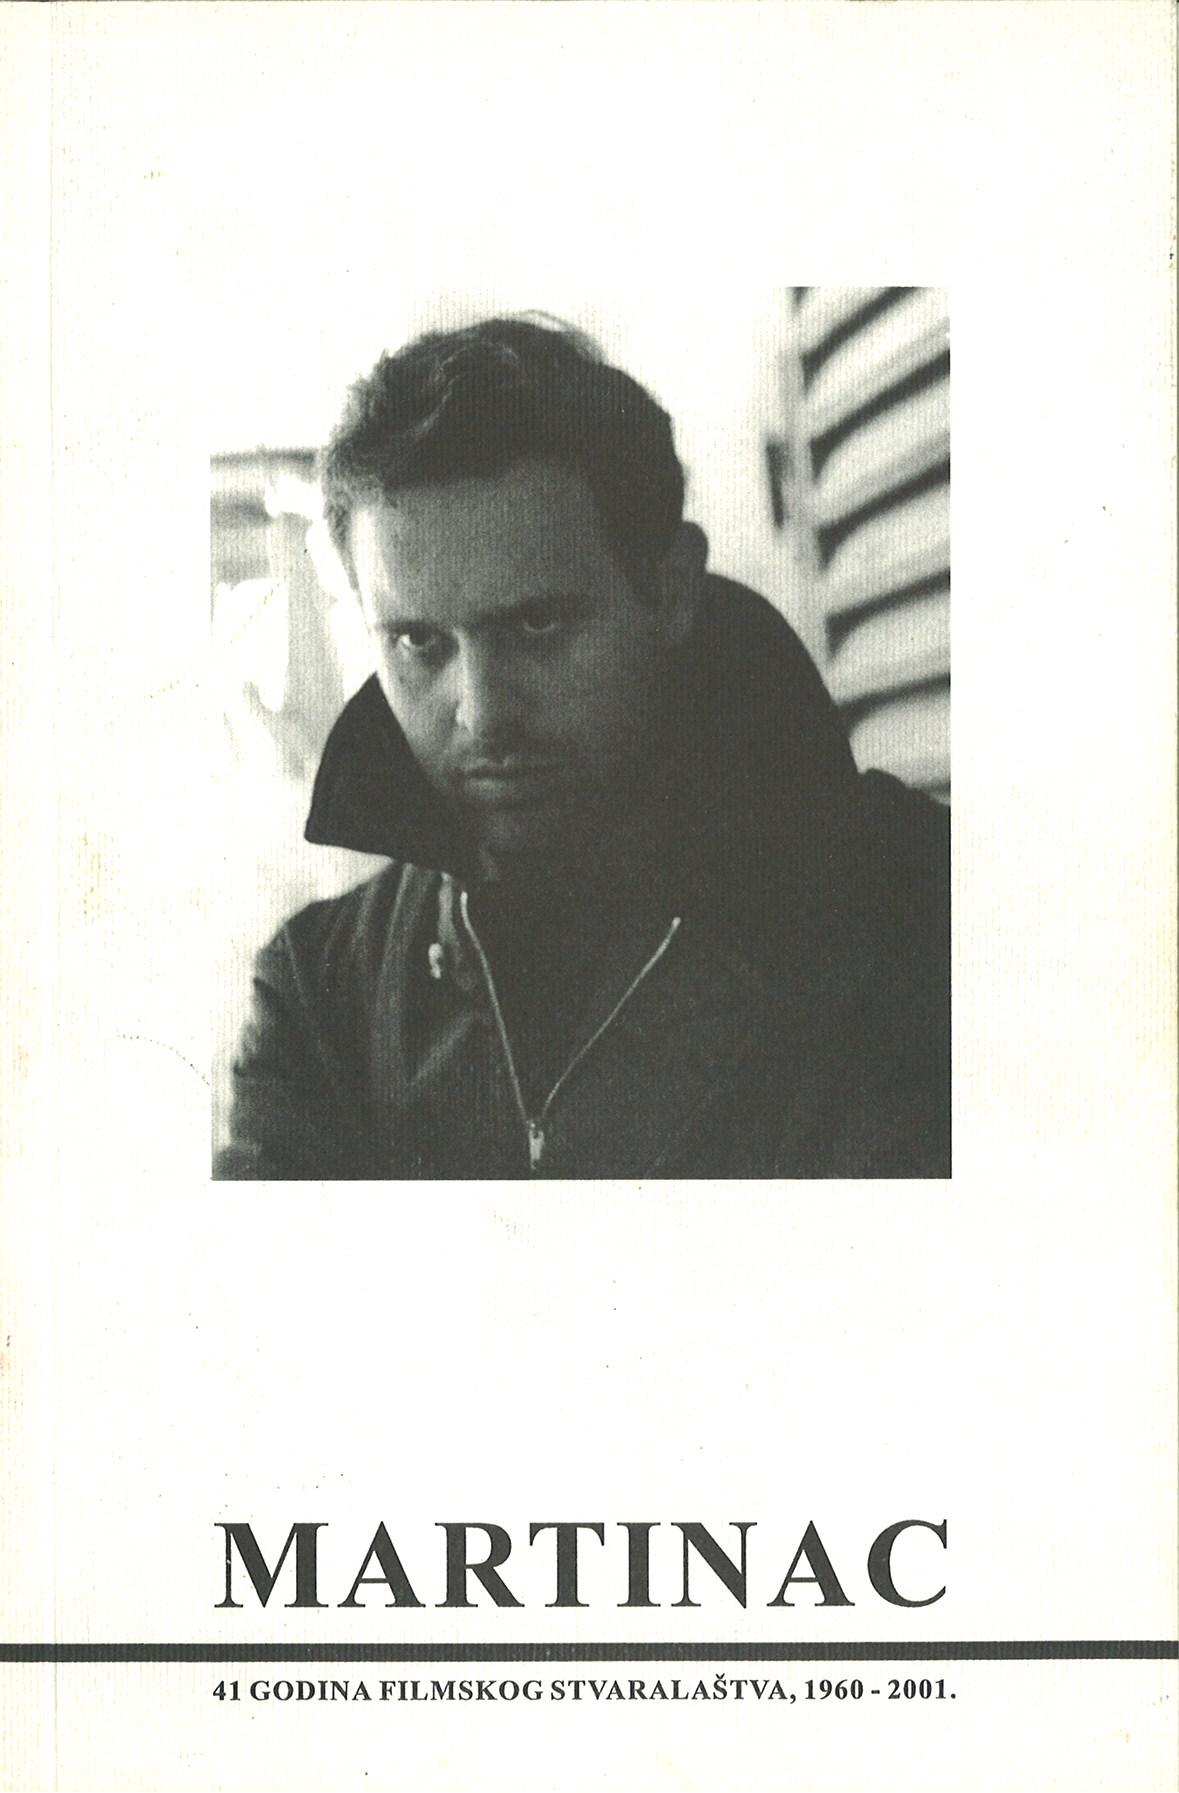 Martinac - 41 godina filmskog stvaralastva, 1960.-2001